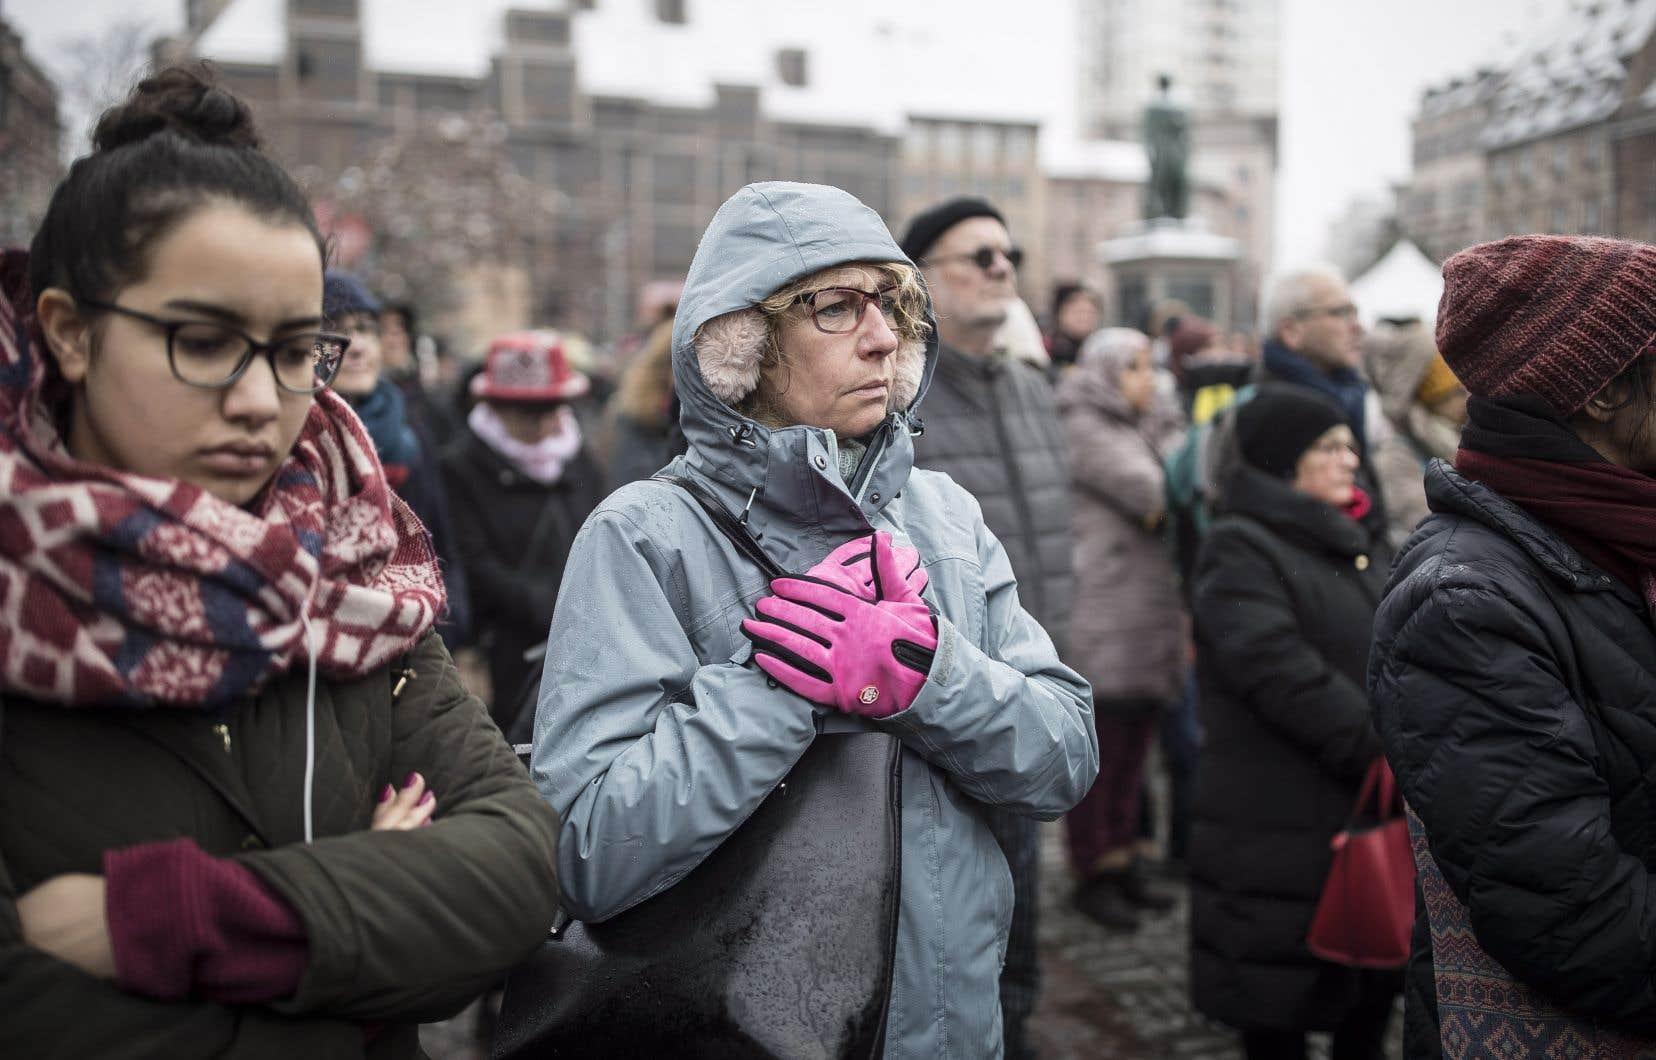 La cérémonie d'une heure s'est déroulée sur la place Kléber, près du célèbre marché de Noël où a eu lieu la tragédie.